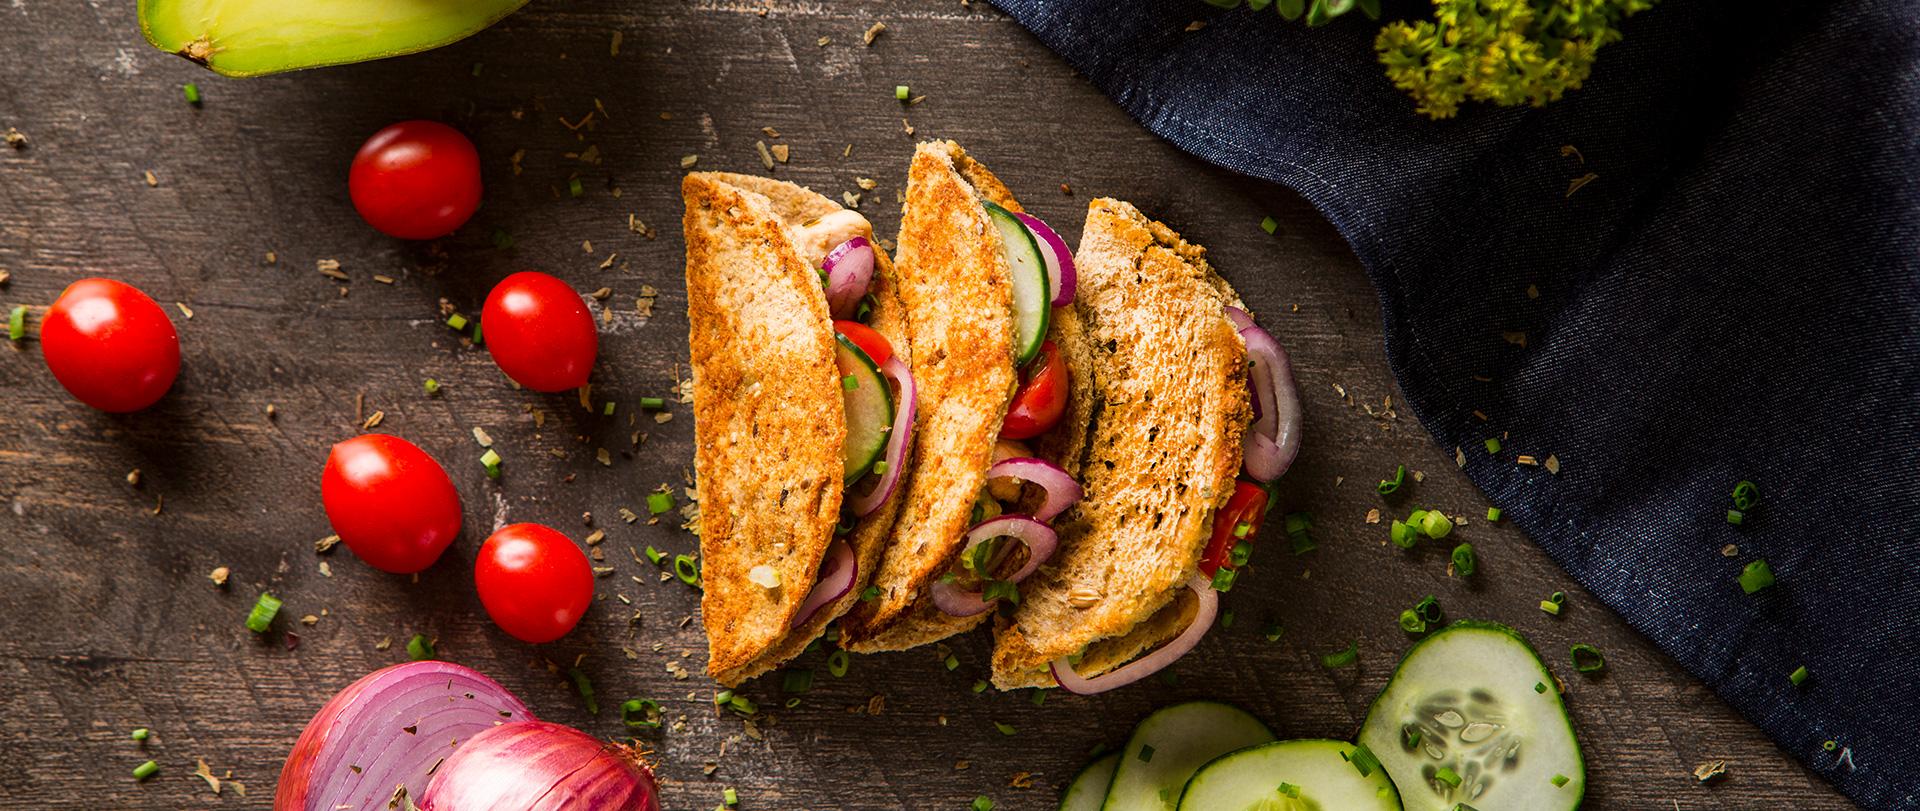 Tacos de frango e vegetais